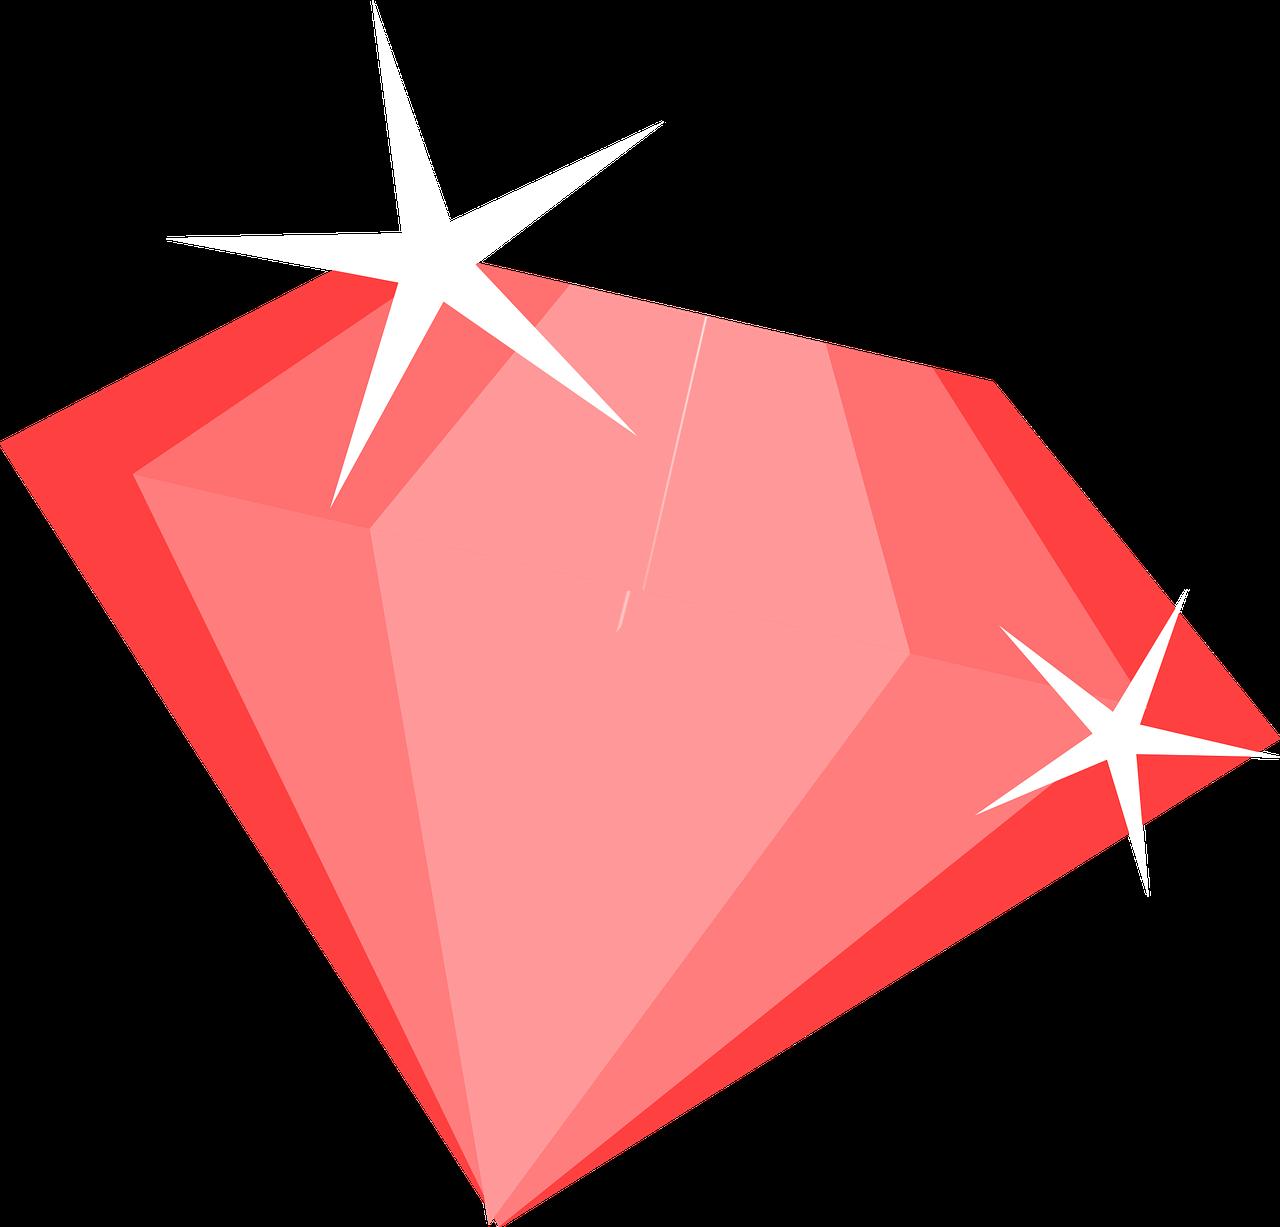 日本発のプログラミング言語、Rubyの誕生25年記念イベント「Ruby25」に参加してきました